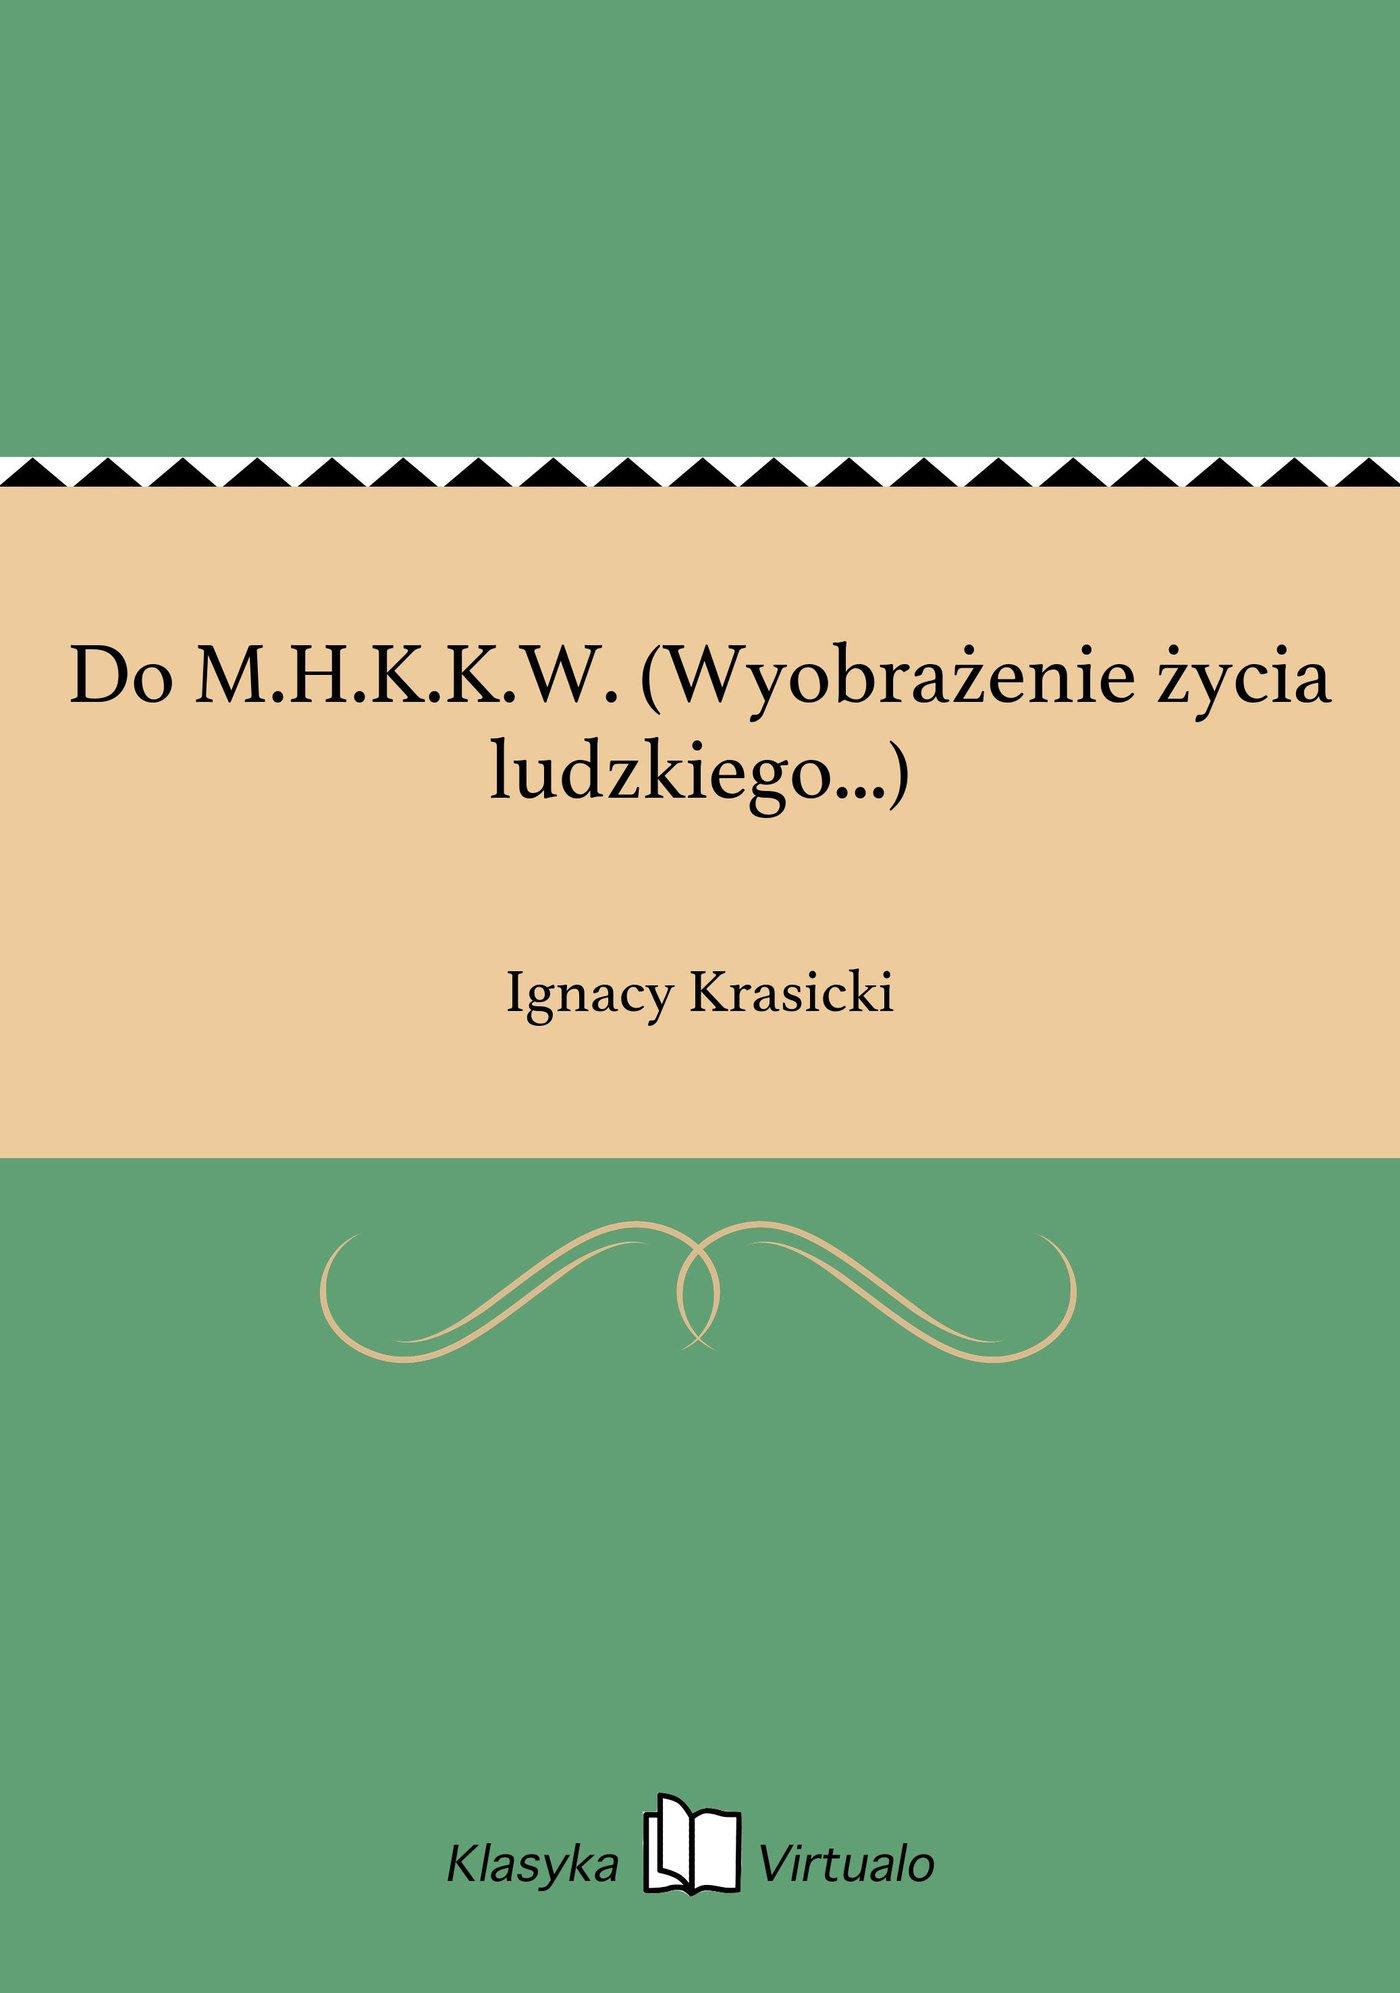 Do M.H.K.K.W. (Wyobrażenie życia ludzkiego...) - Ebook (Książka na Kindle) do pobrania w formacie MOBI